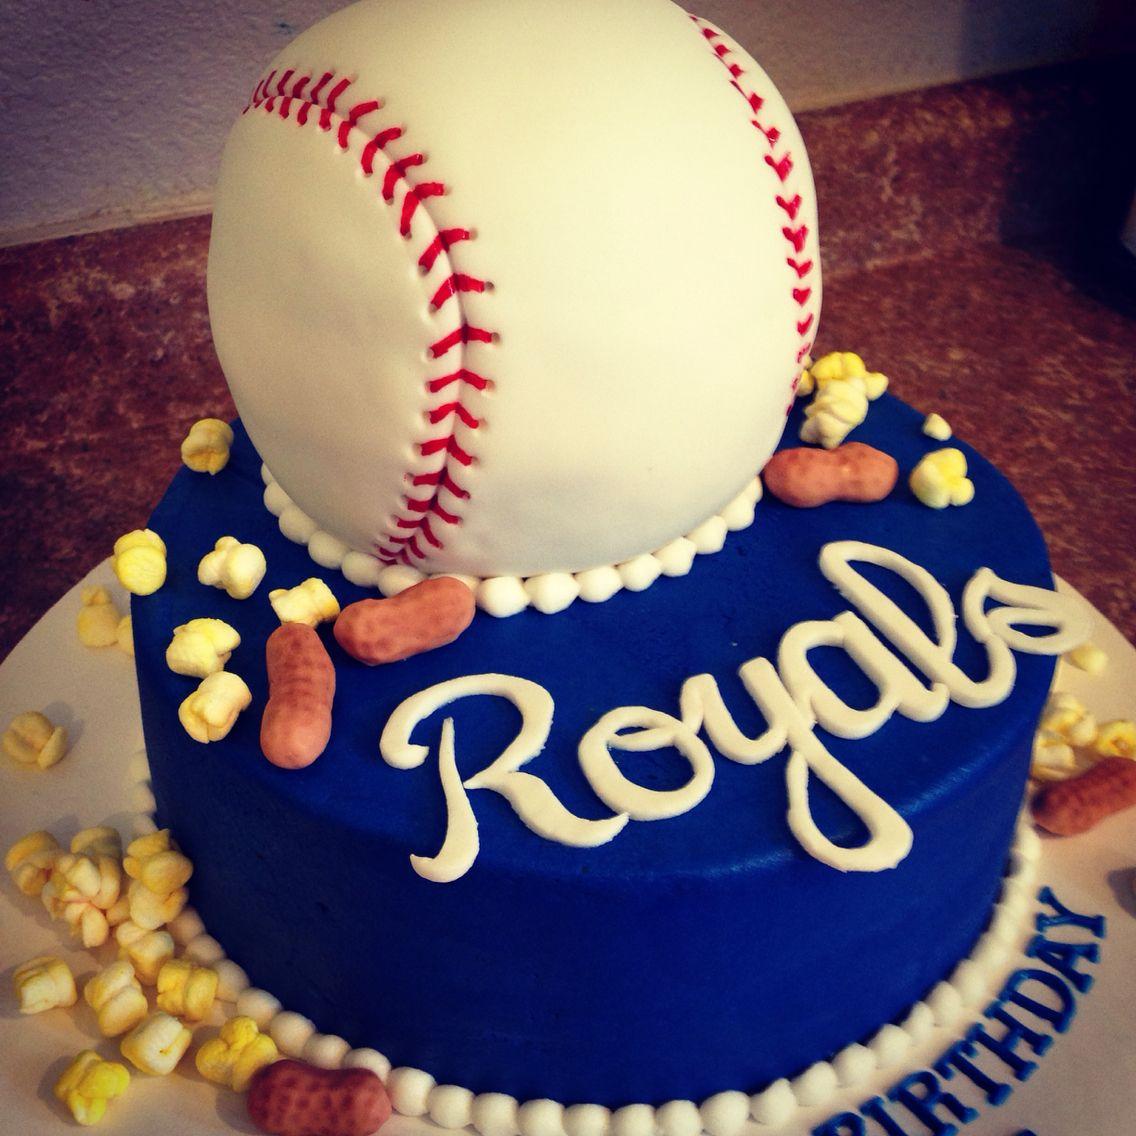 Kansas City Royals Baseball Cake With Popcorn And Peanuts